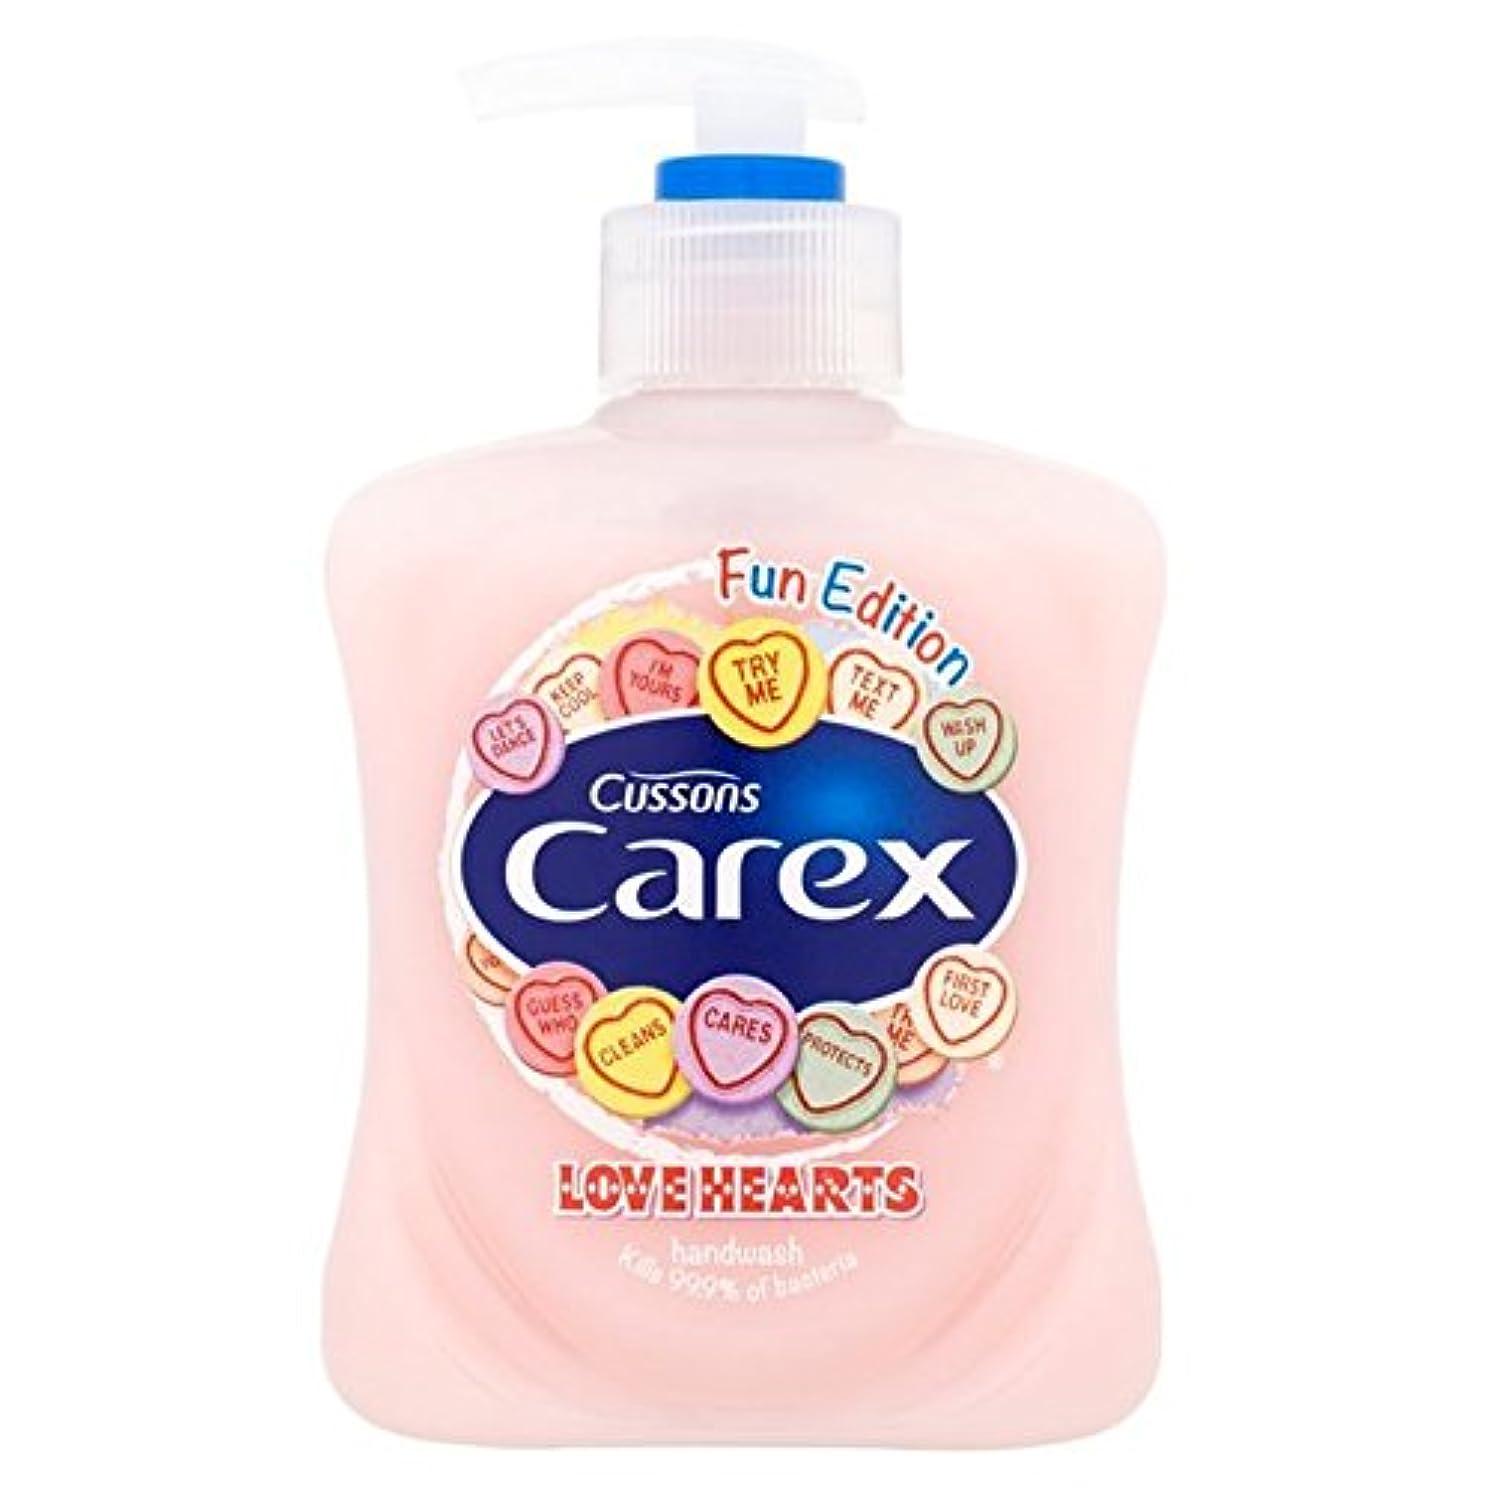 レイア極小操縦するスゲ楽しい版愛の心のハンドウォッシュ250ミリリットル x2 - Carex Fun Edition Love Hearts Hand Wash 250ml (Pack of 2) [並行輸入品]